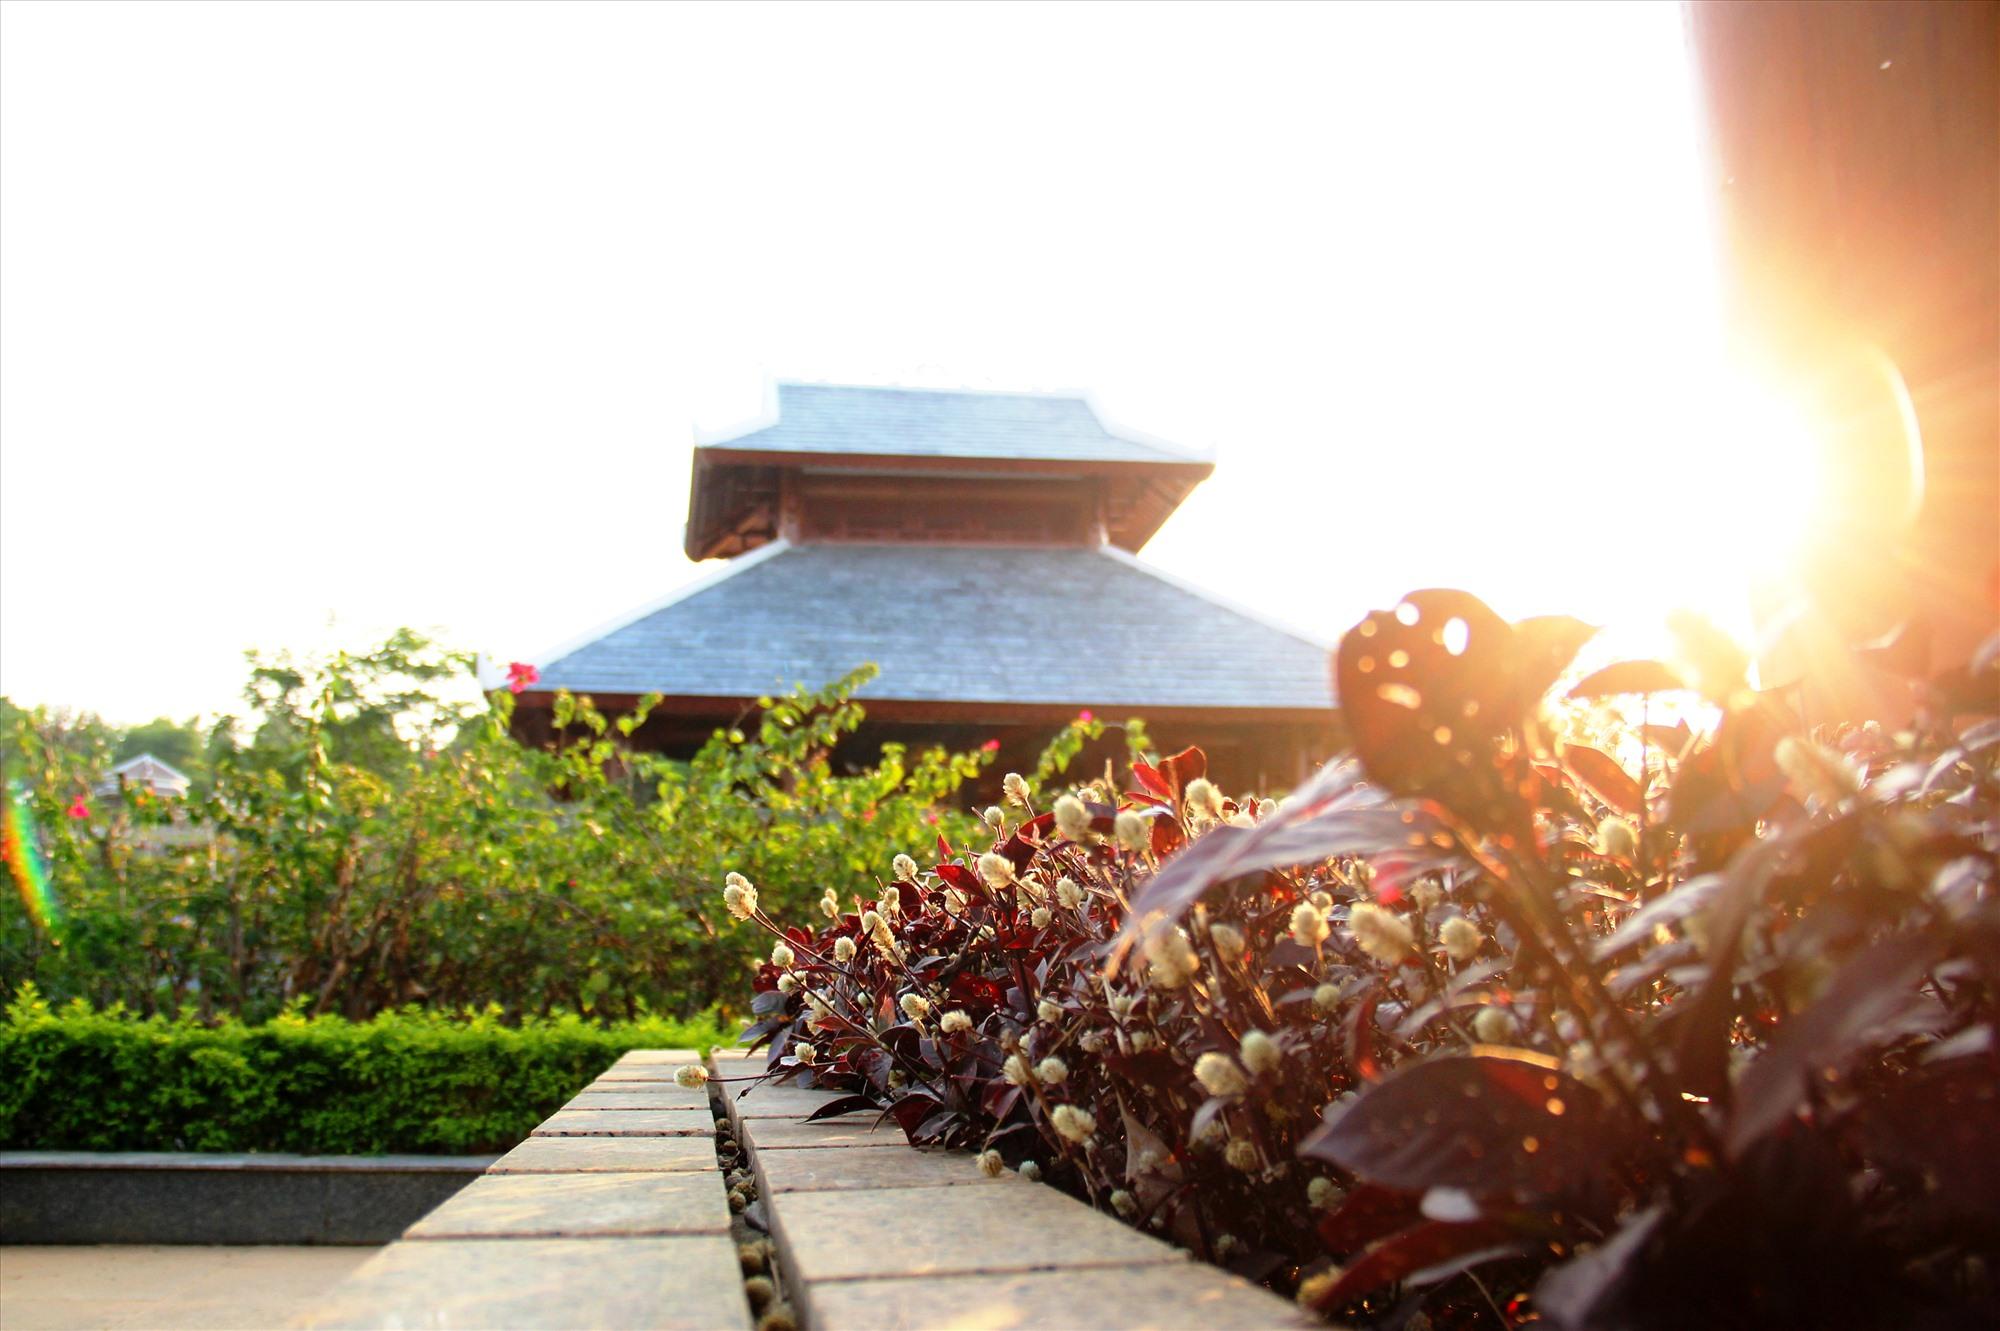 Dọc theo đường nội bộ trước sân nền nhà bia là những bồn hoa, cây cảnh được trồng trang trí, tăng thêm vẻ đẹp cho công trình tri ân liệt sĩ. Ảnh: A.N